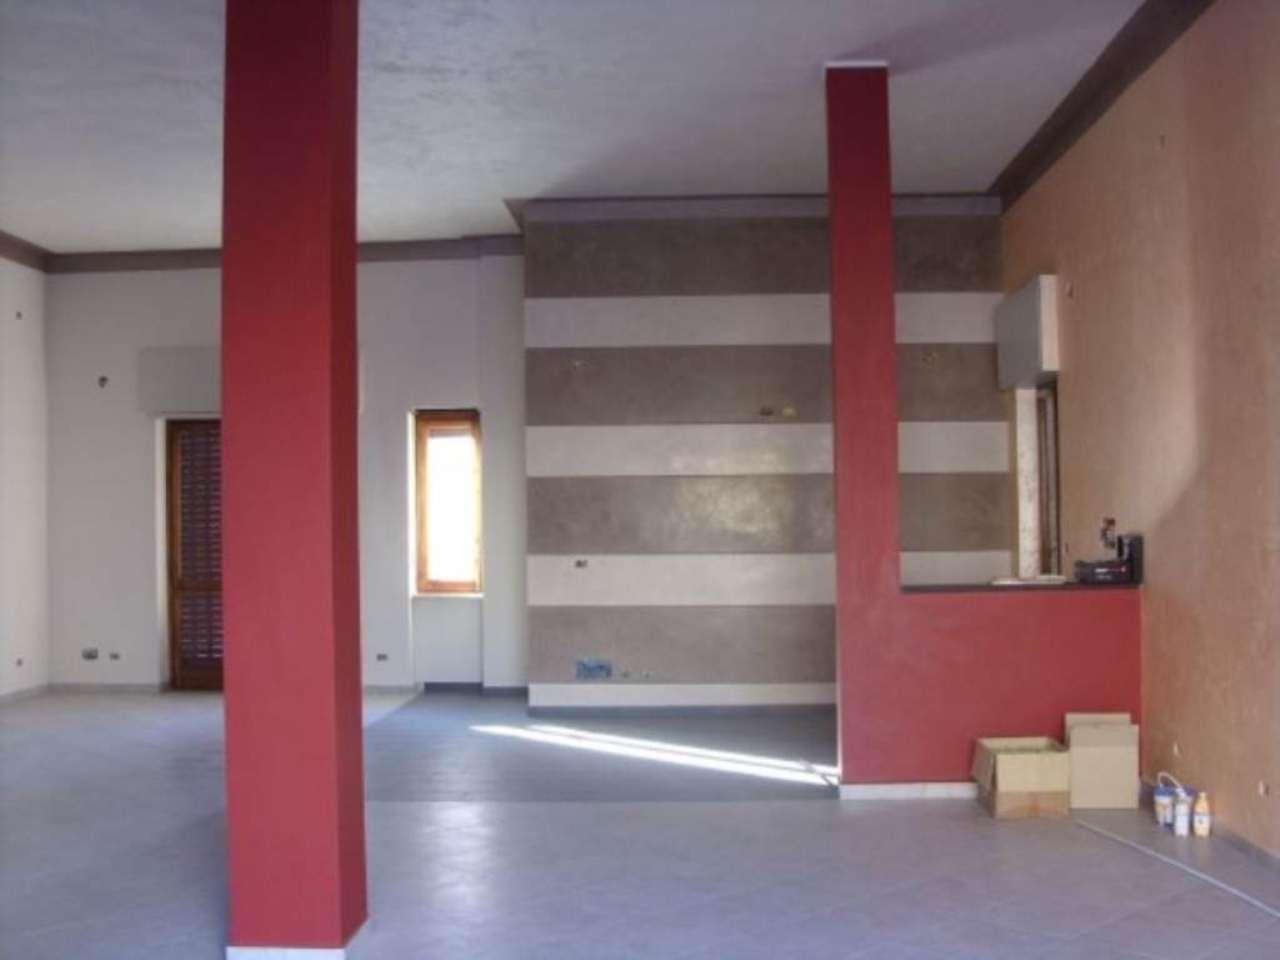 Negozio / Locale in vendita a Moncalieri, 2 locali, prezzo € 80.000 | PortaleAgenzieImmobiliari.it